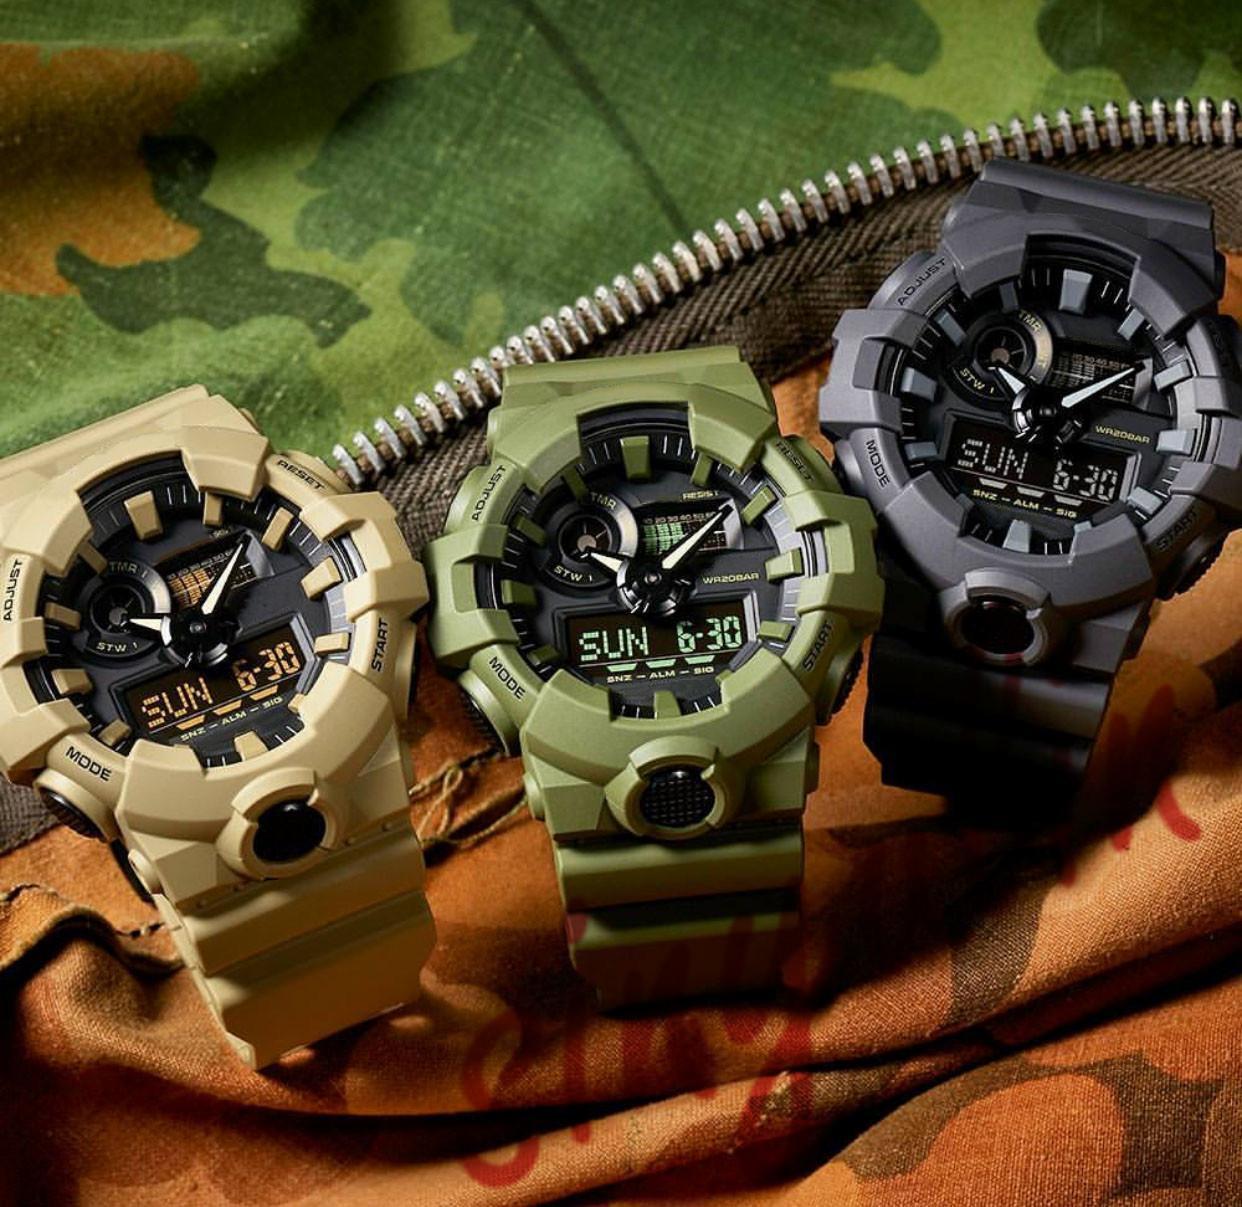 Impermeabile di lusso LED Digital Classic orologio colore nero 710 Sport Watch Reloj Mujer G Stile Shock orologi da uomo Sport Desinger Marca Wa